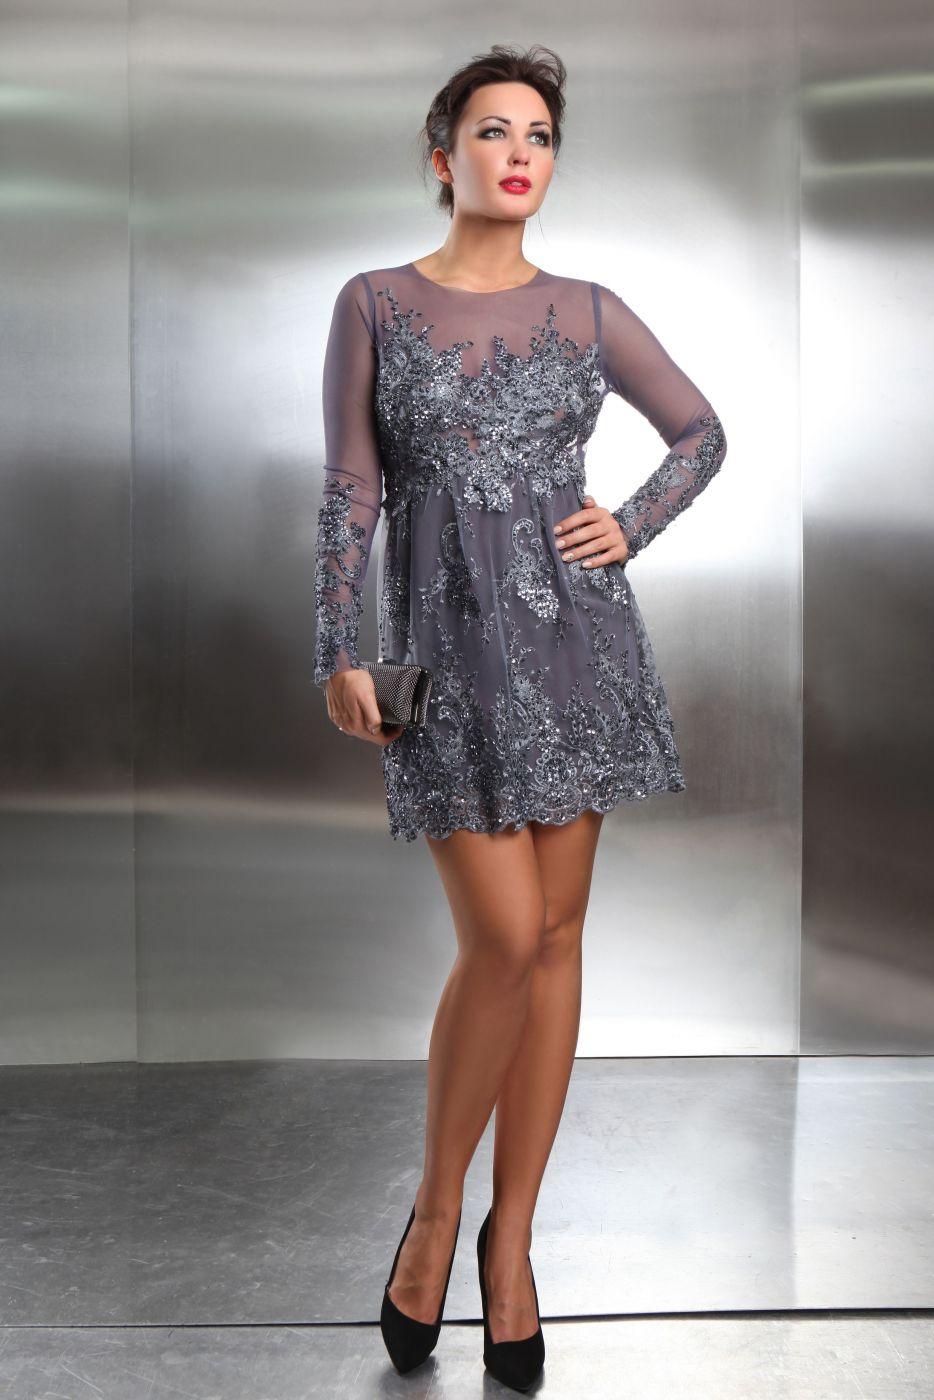 Cocktailkleid zum Standesamt aus Spitze in grau silber - Kleiderfreuden